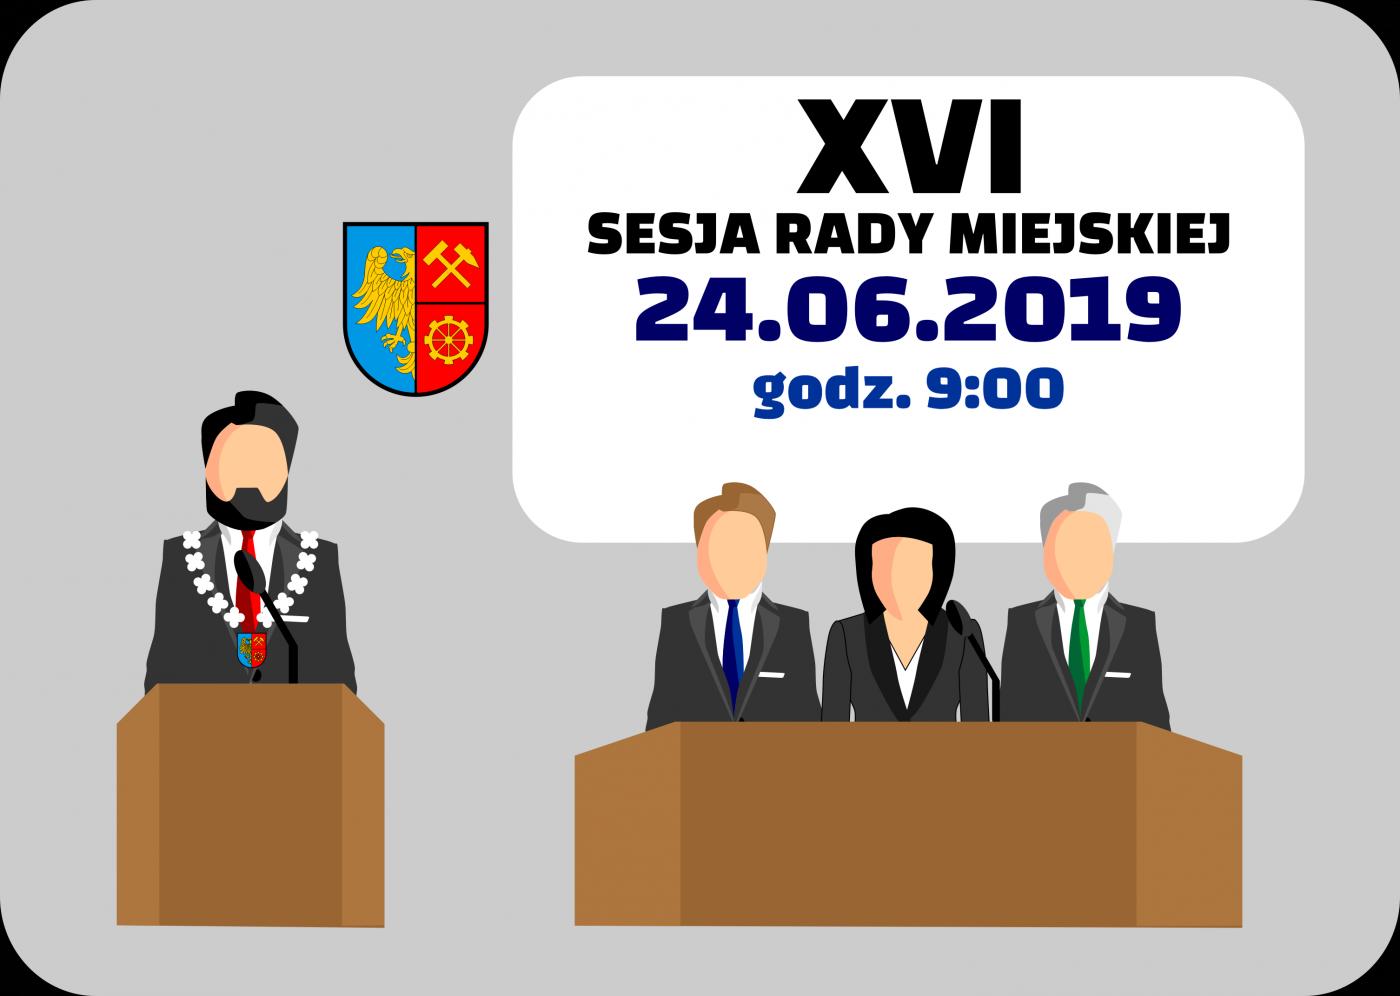 XVI sesja Rady Miejskiej poświęcona będzie m.in. absolutorium dla Prezydenta Miasta